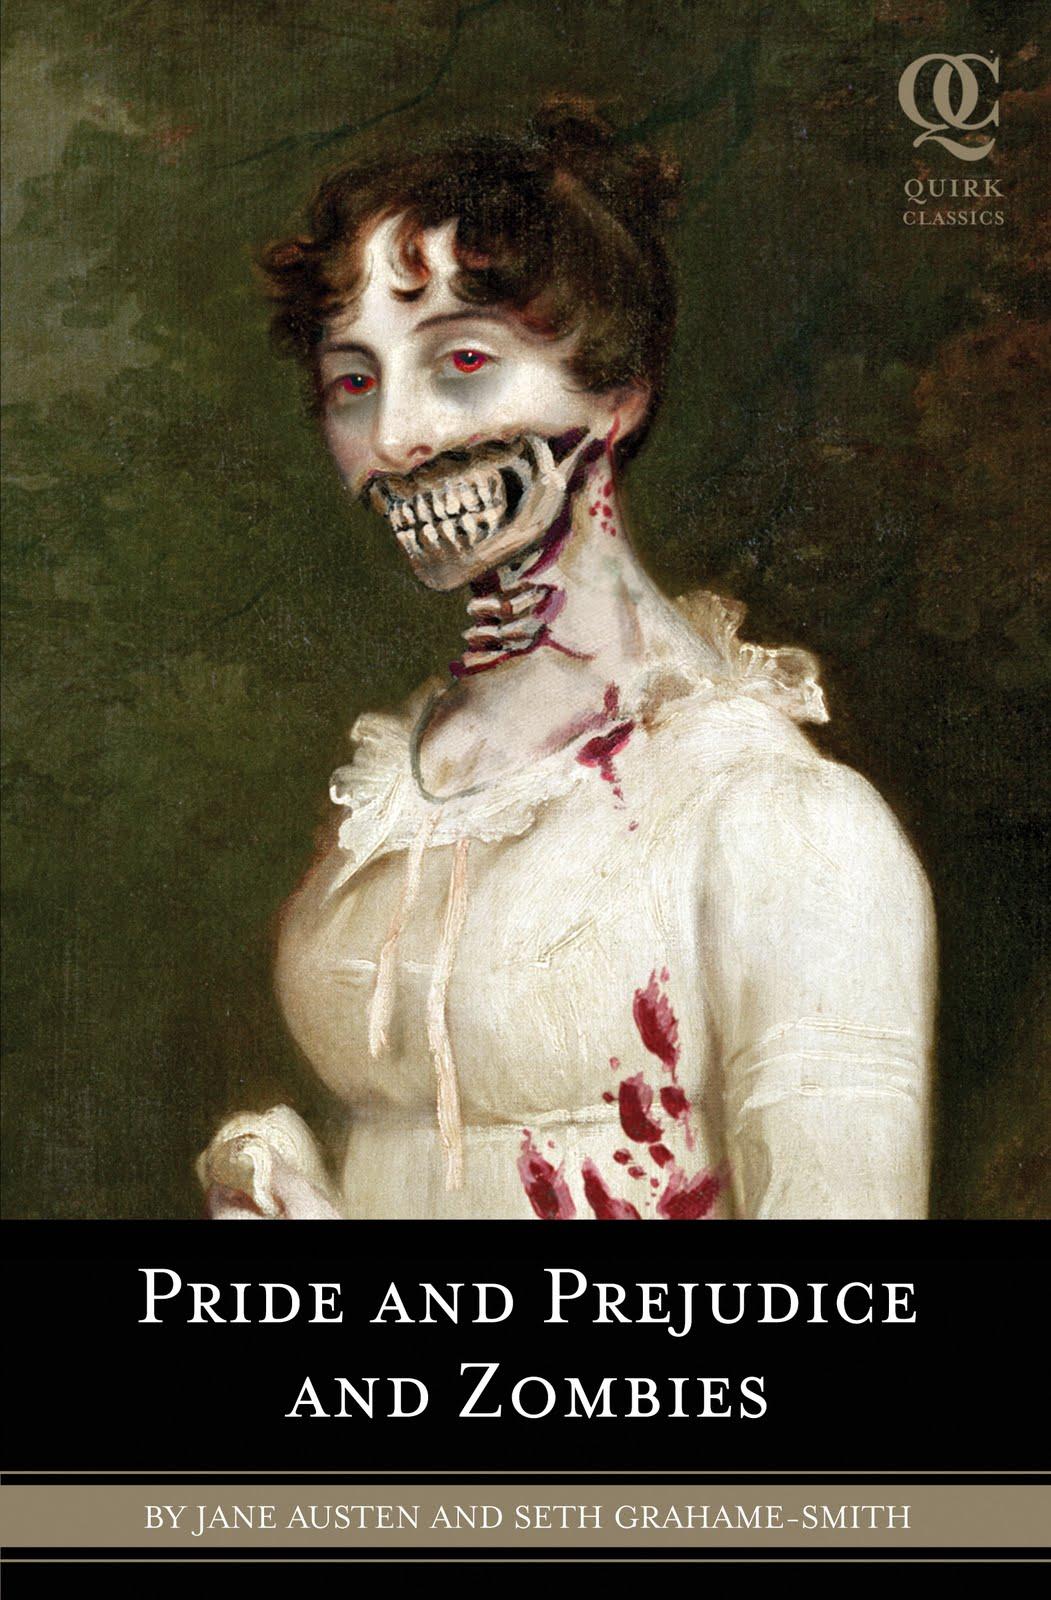 Büszkeség és balítélet meg a zombik - Fanfiction is lehet bestseller?